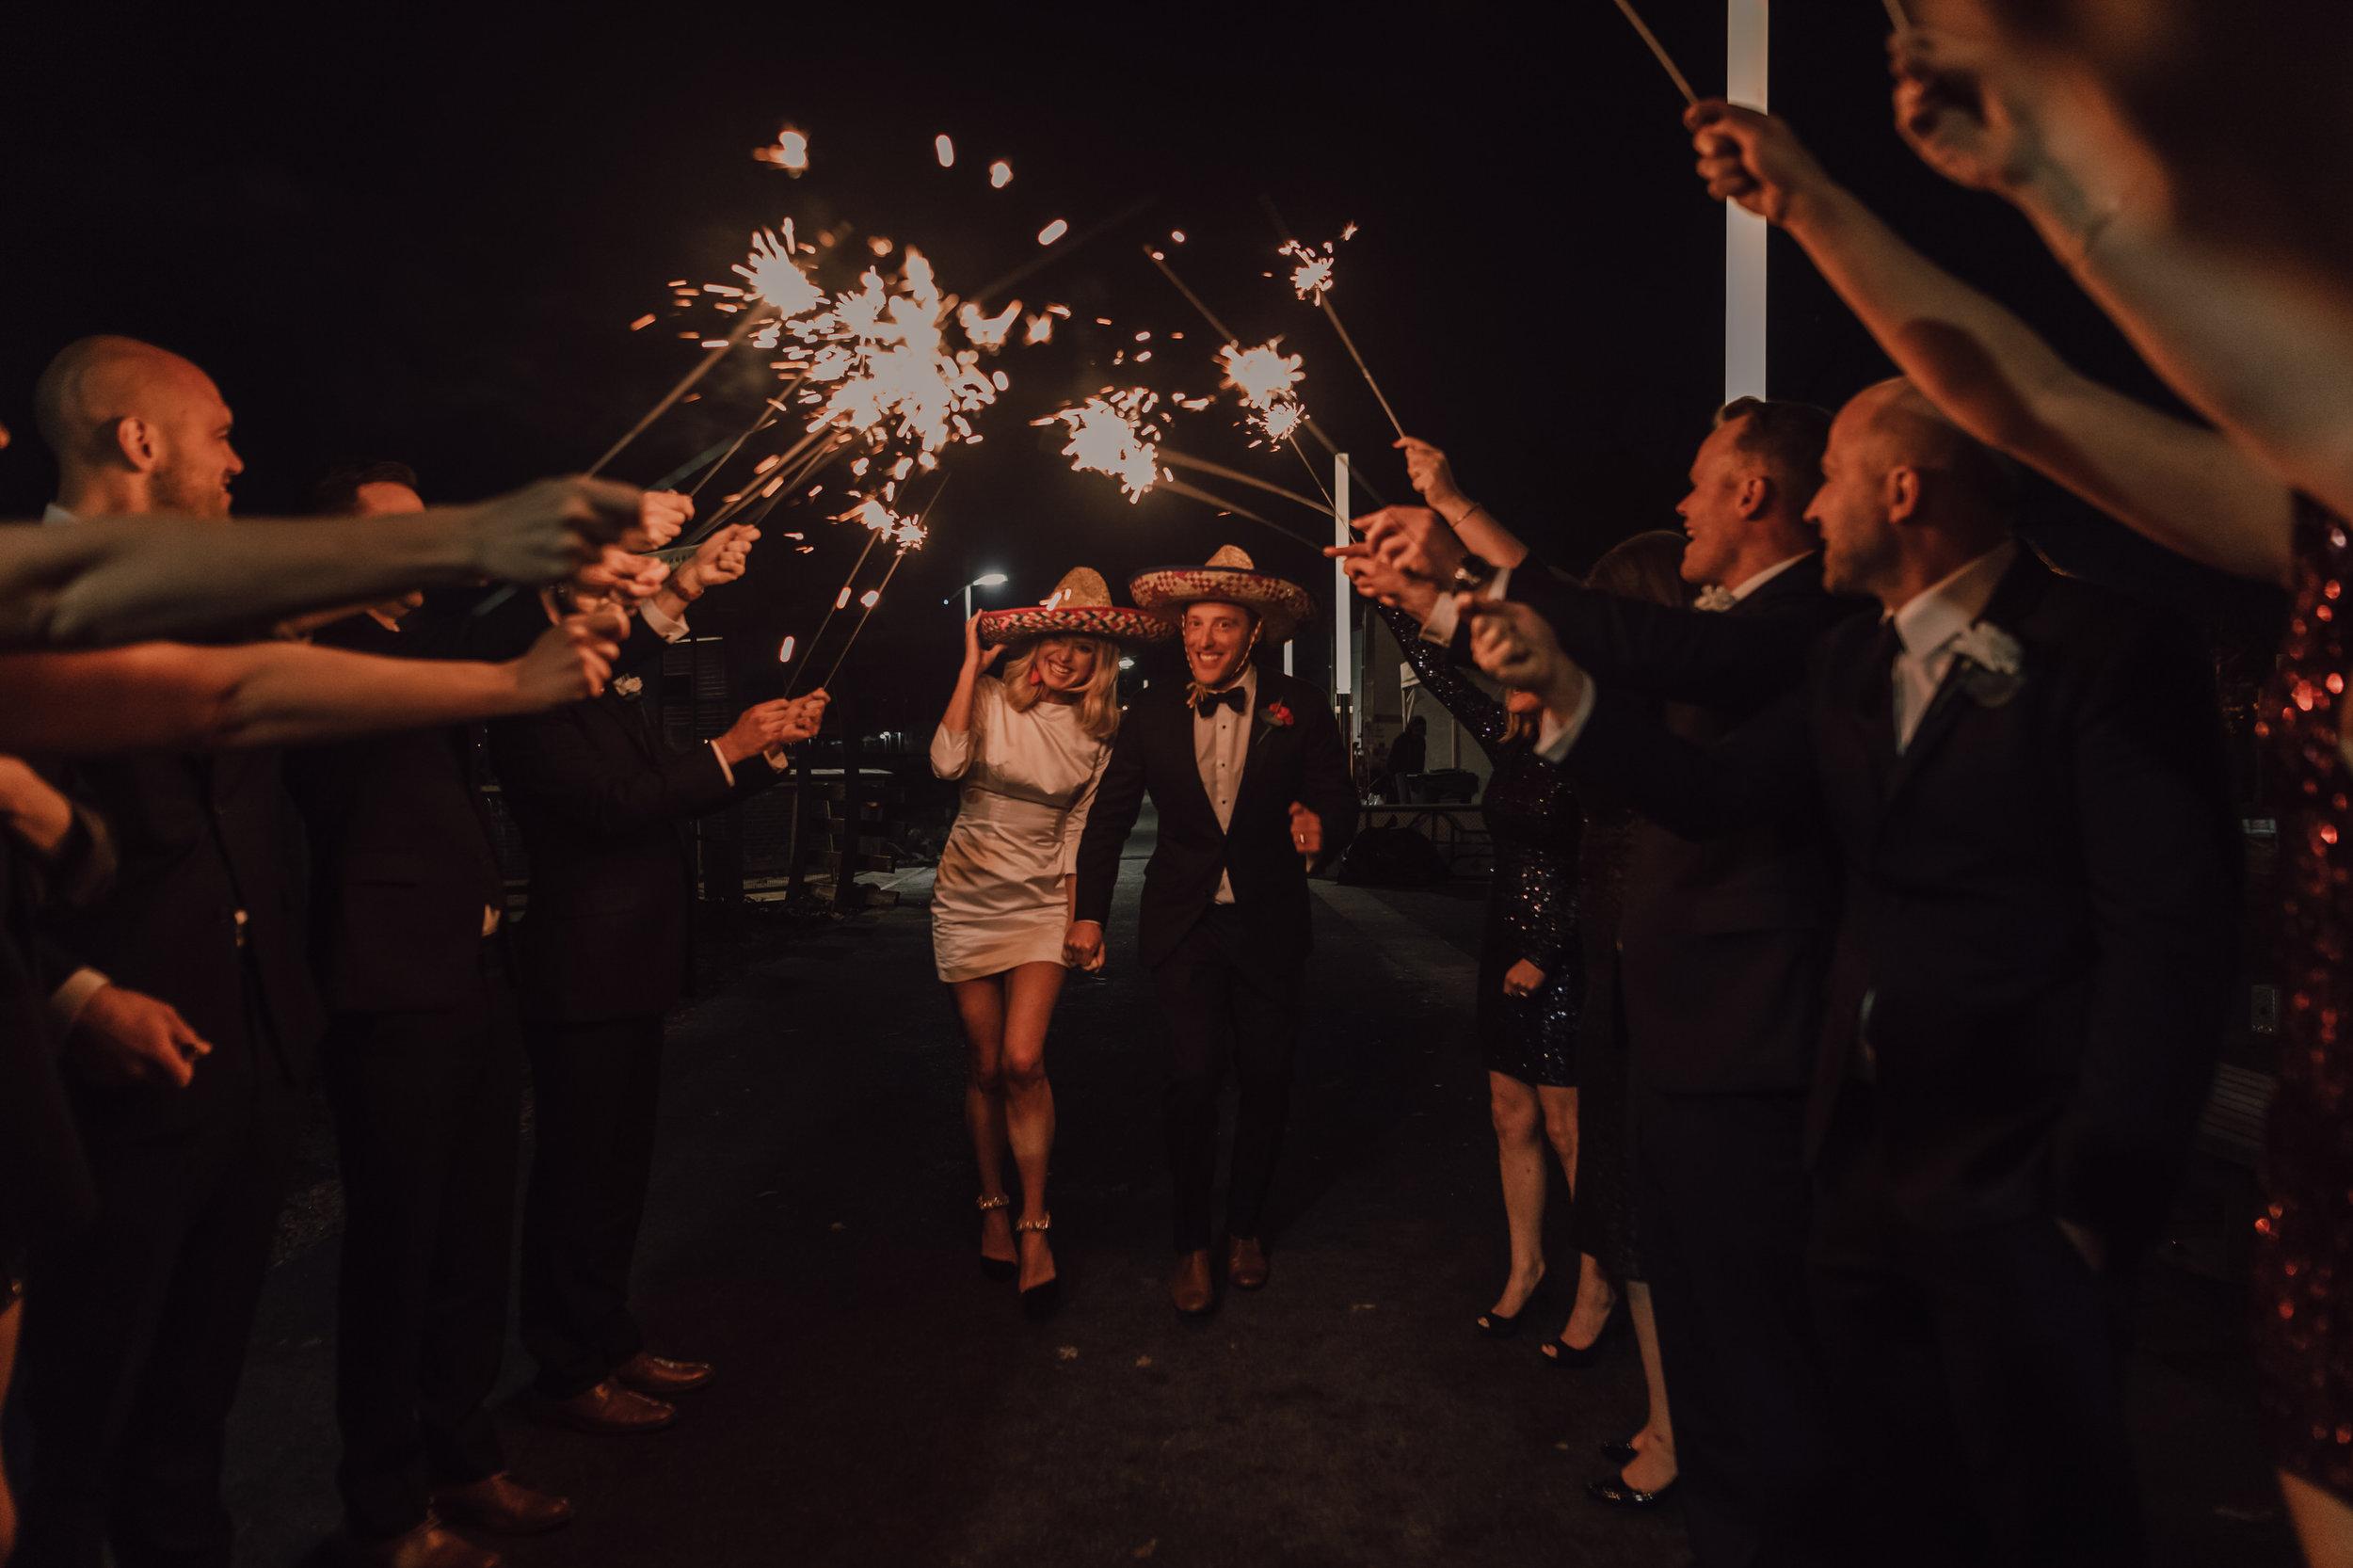 Vancouver New Years Eve Wedding - UBC Boathouse Wedding - Kitsilano Wedding Photos - Vancouver Wedding Photographer - Vancouver Wedding Videographer - 911.JPG